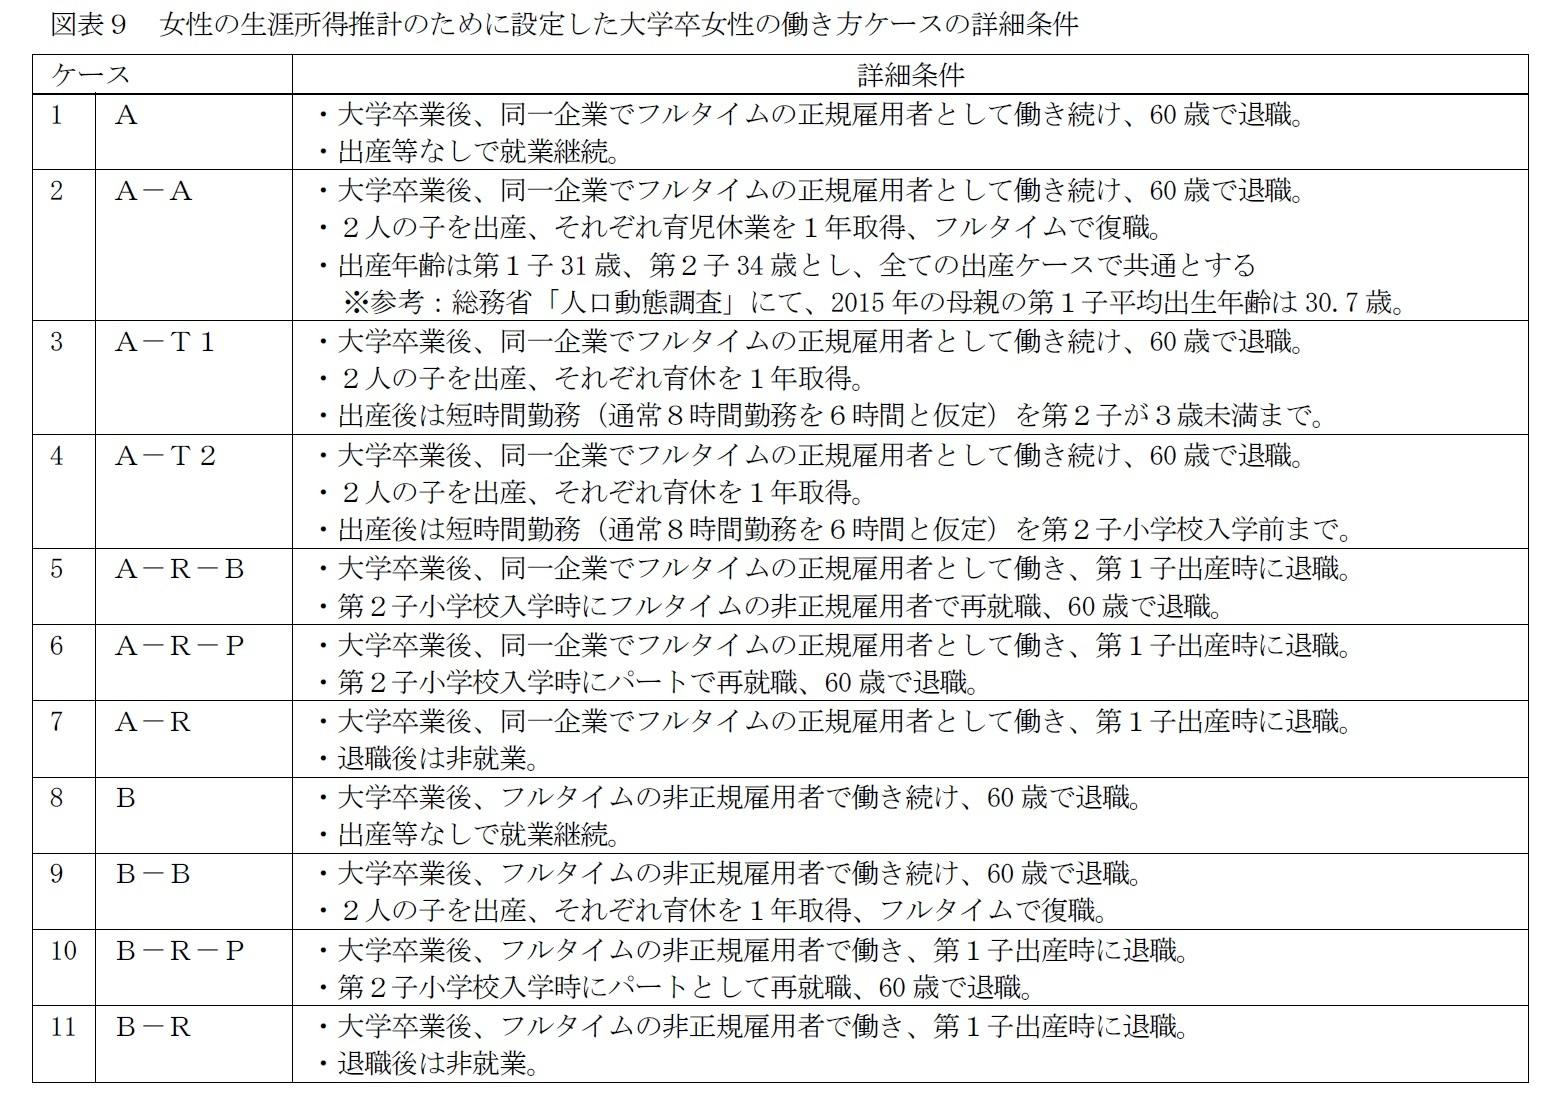 図表9 女性の生涯所得推計のために設定した大学卒女性の働き方ケースの詳細条件